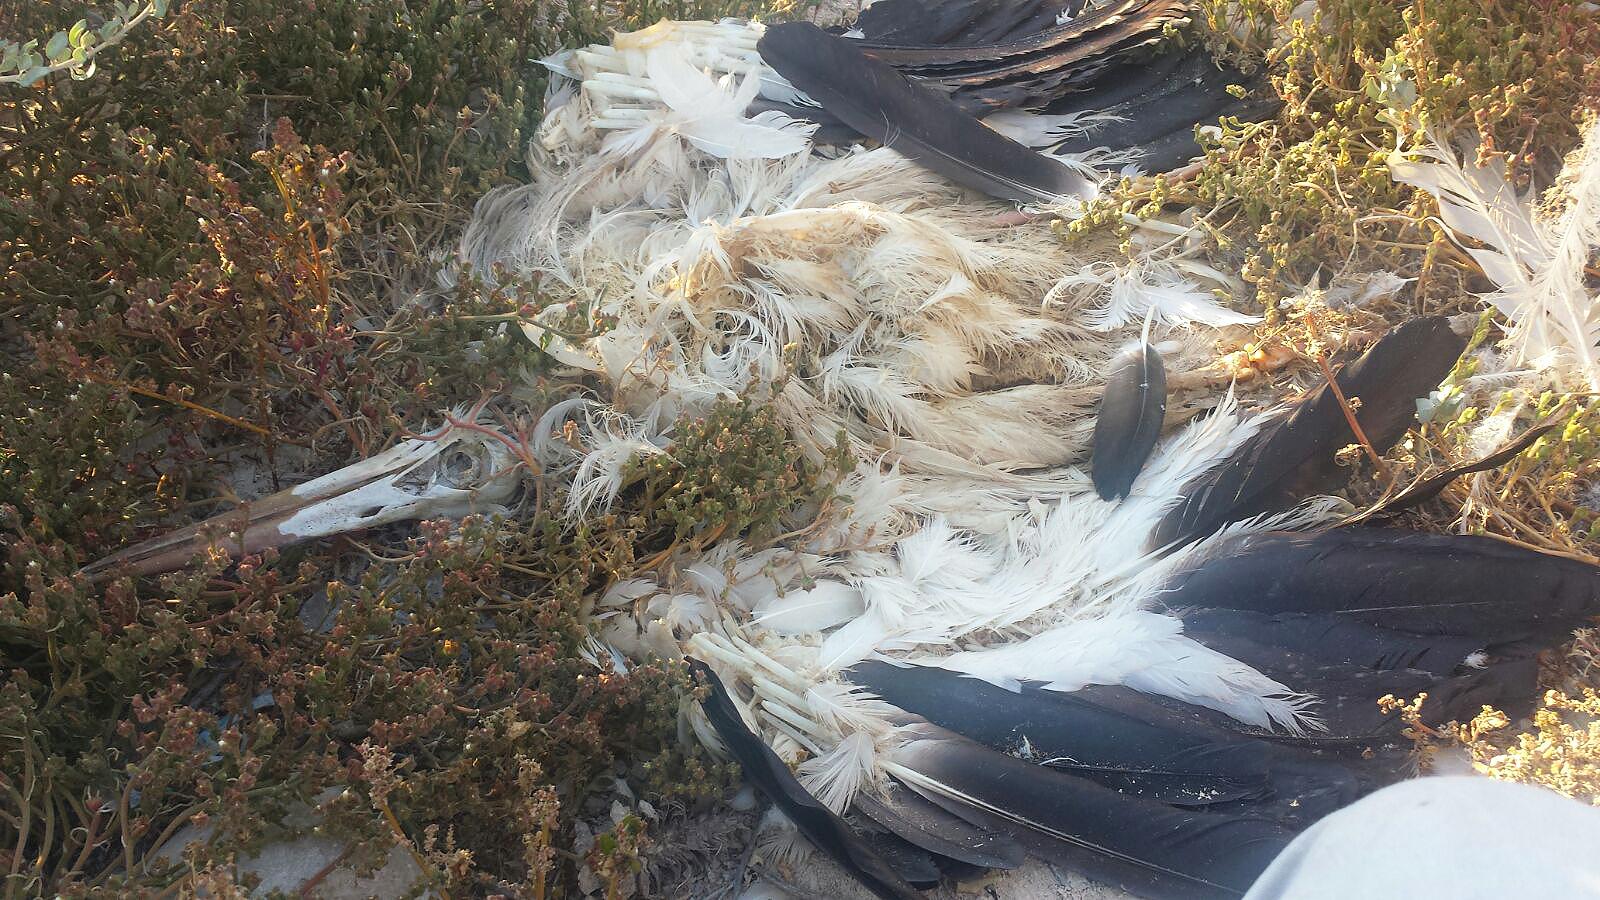 Cadáver de una cigüeña blanca hallado bajo una torre de alta tensión en el municipio de Murcia. Imagen: José Luis López Nieto